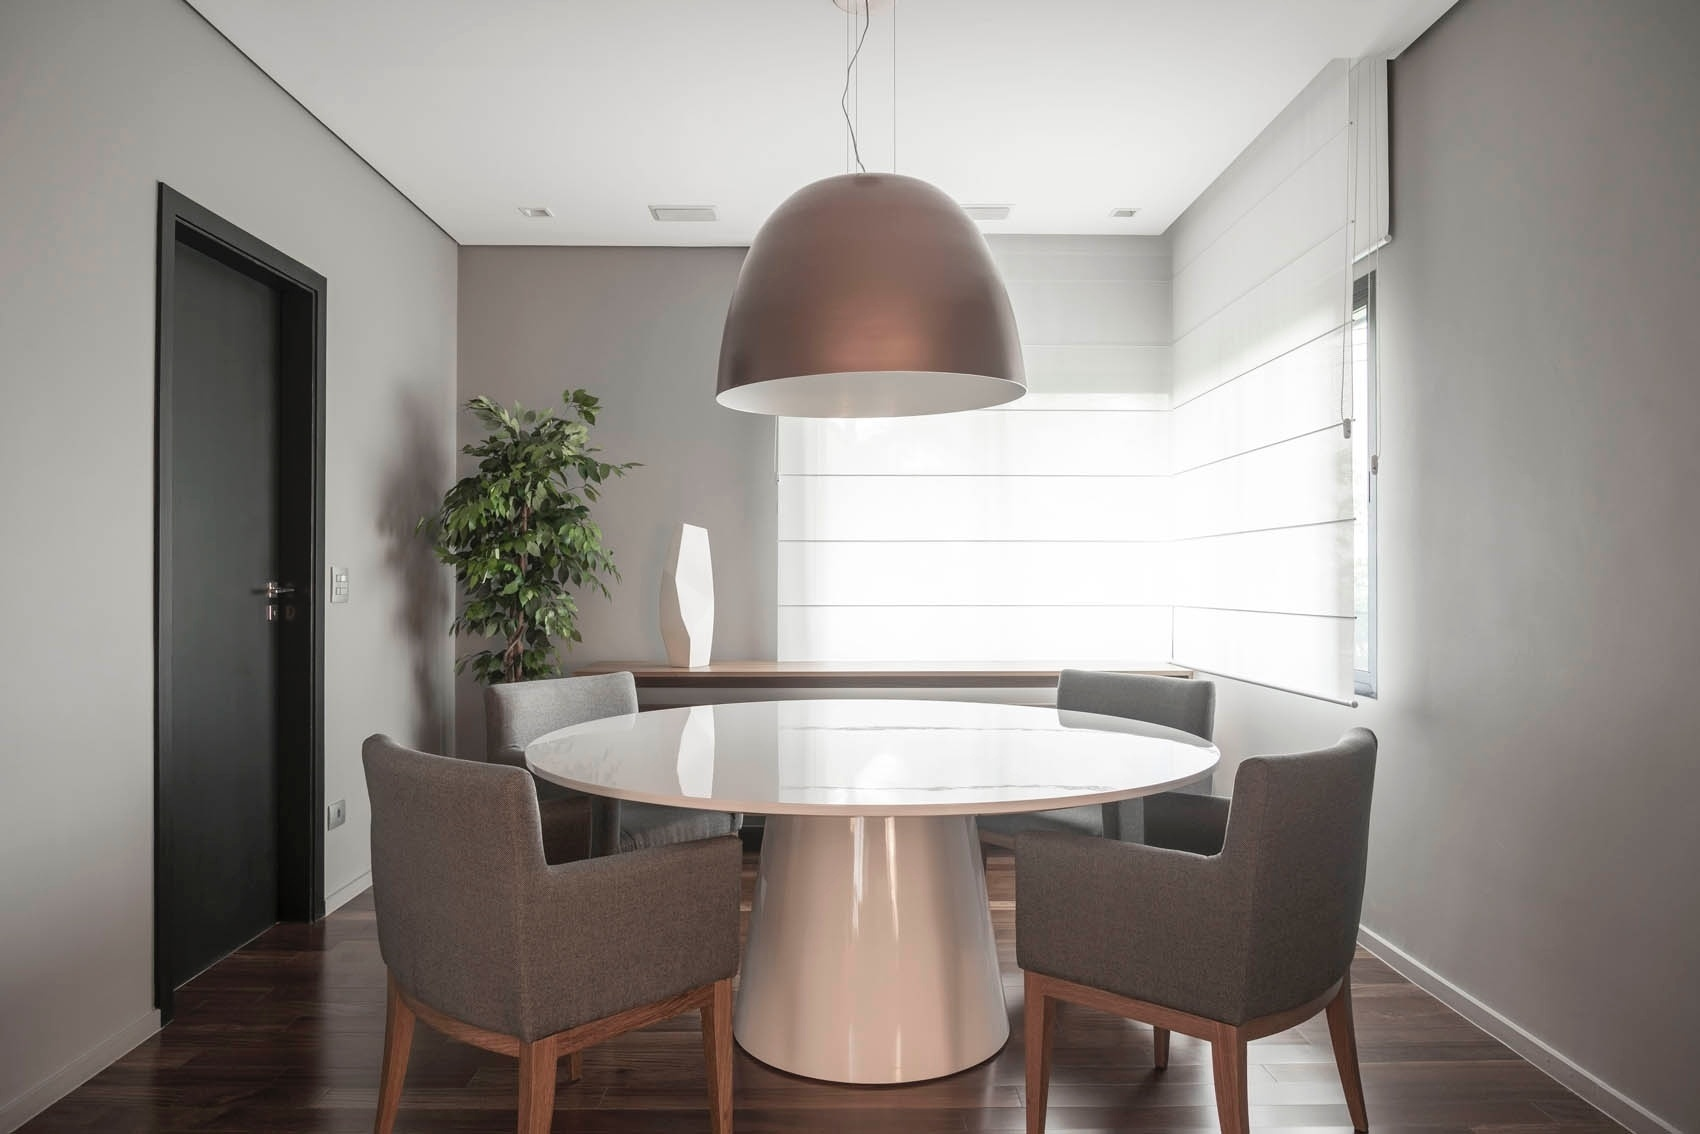 Salas De Jantar Ideias Para Decorar O Ambiente Bol Fotos Bol Fotos -> Sala De Jantar Pequena Com Mesa De Marmore